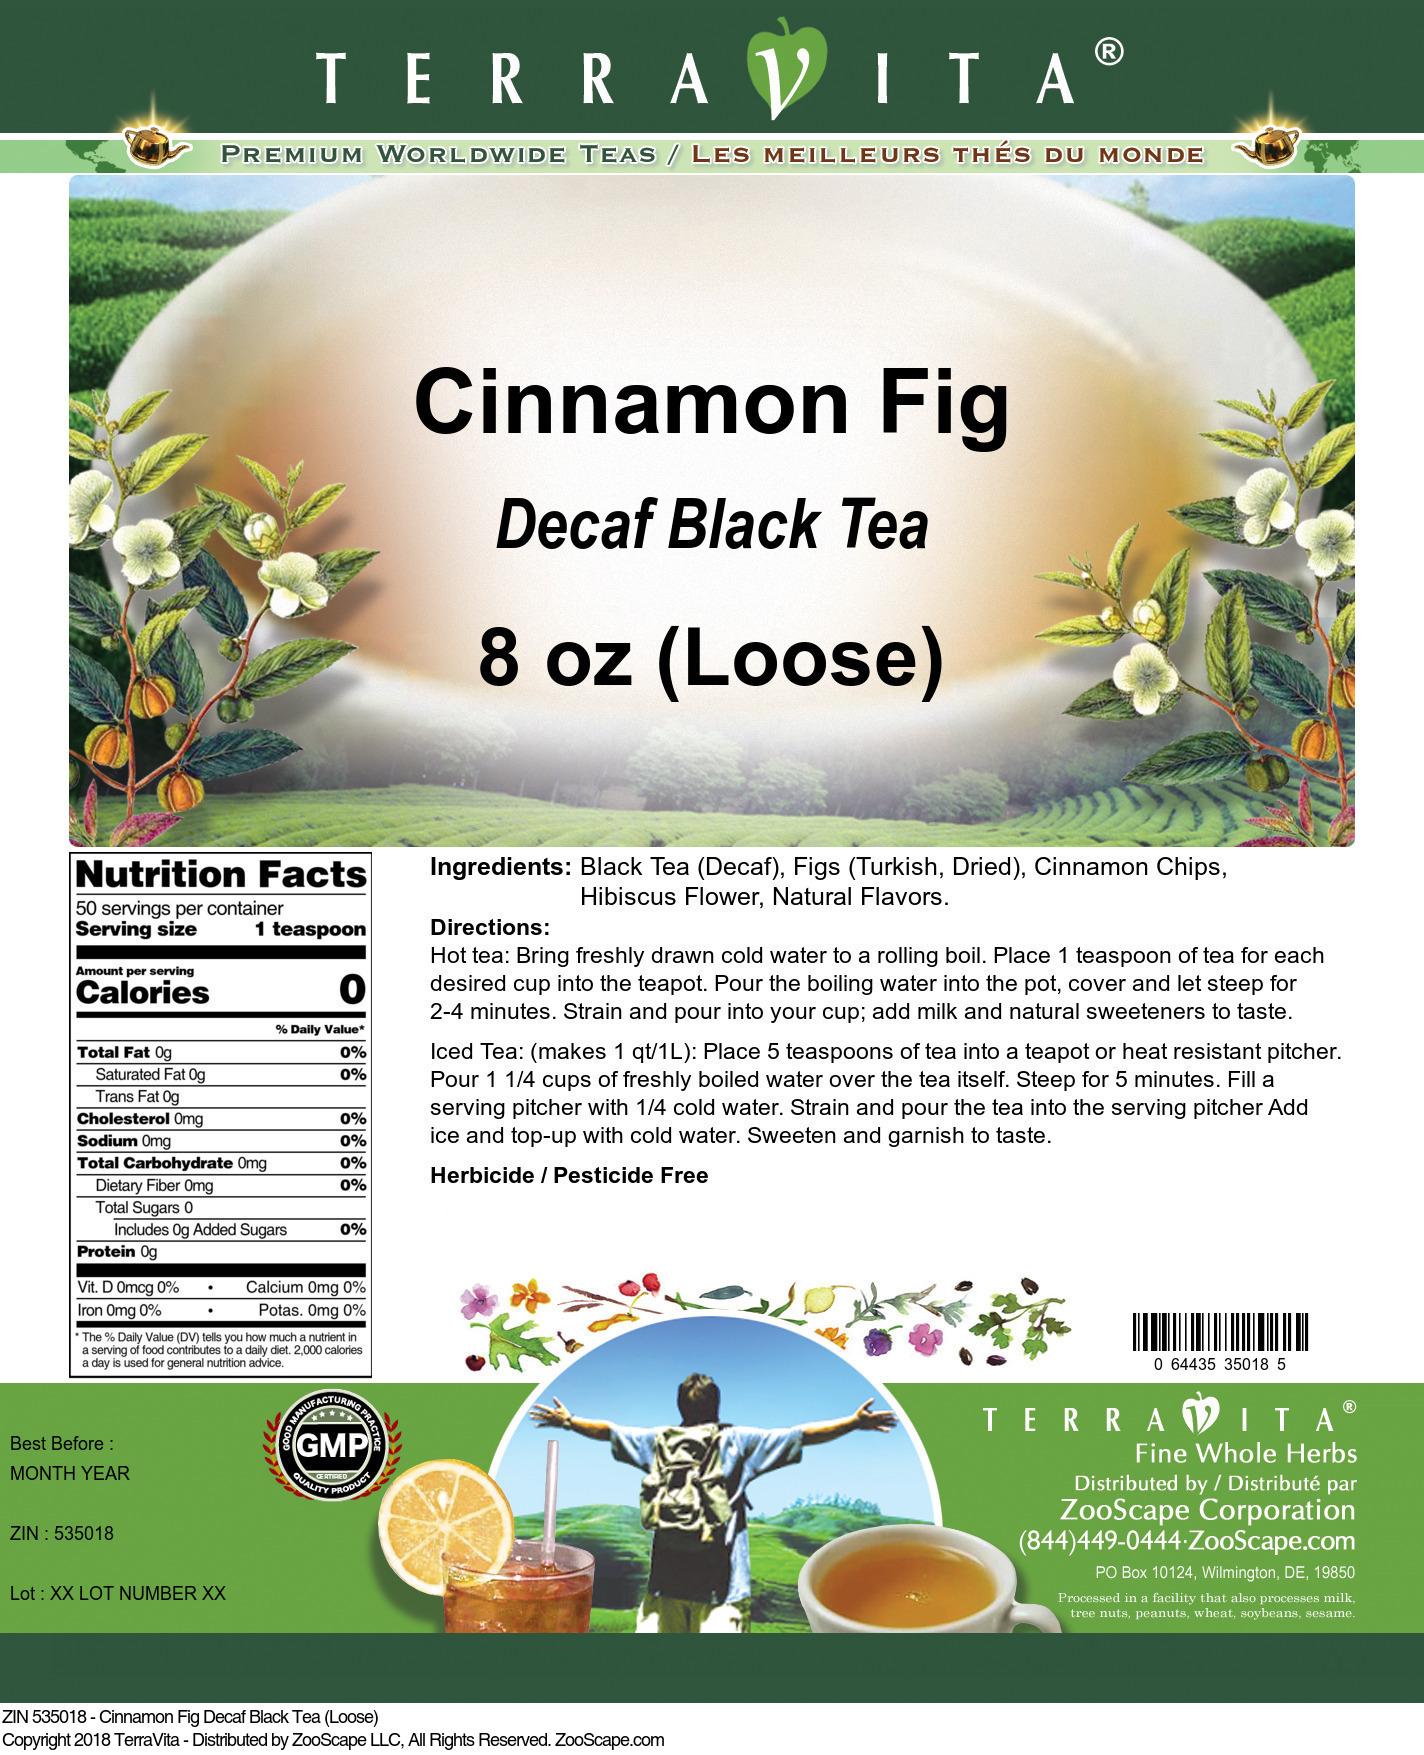 Cinnamon Fig Decaf Black Tea